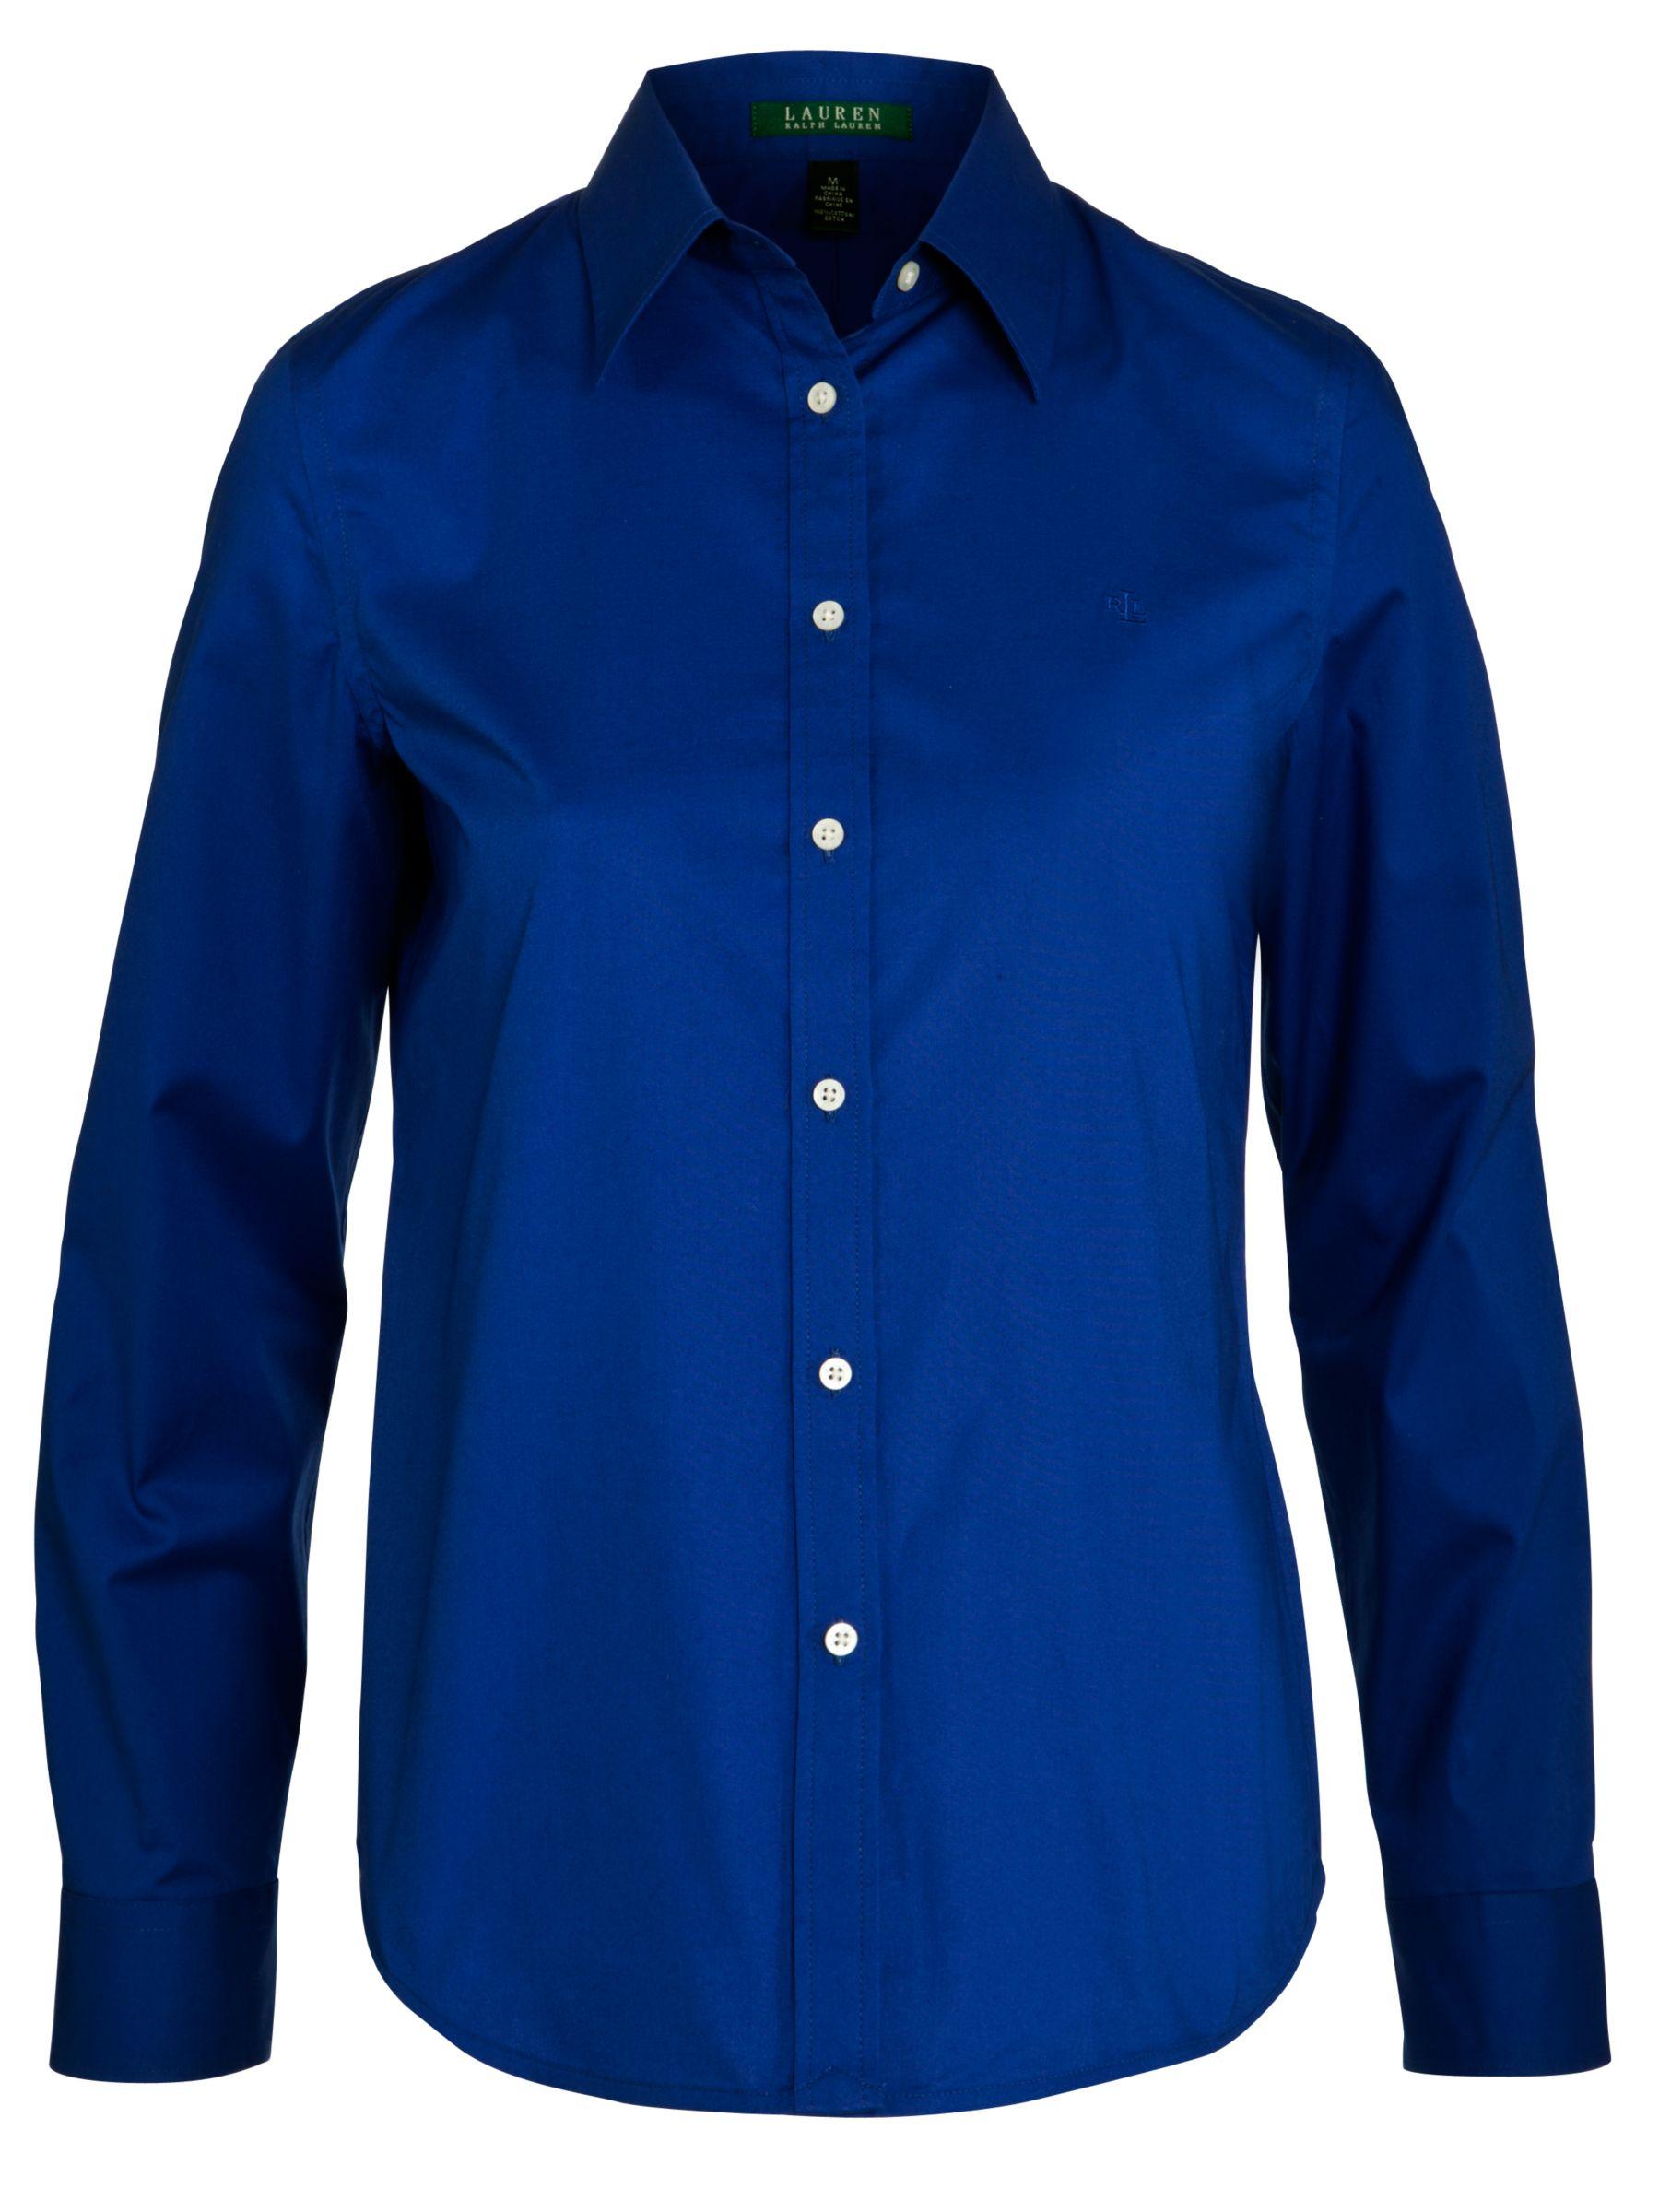 Lauren by Ralph Lauren Jamir Shirt, Cobalt